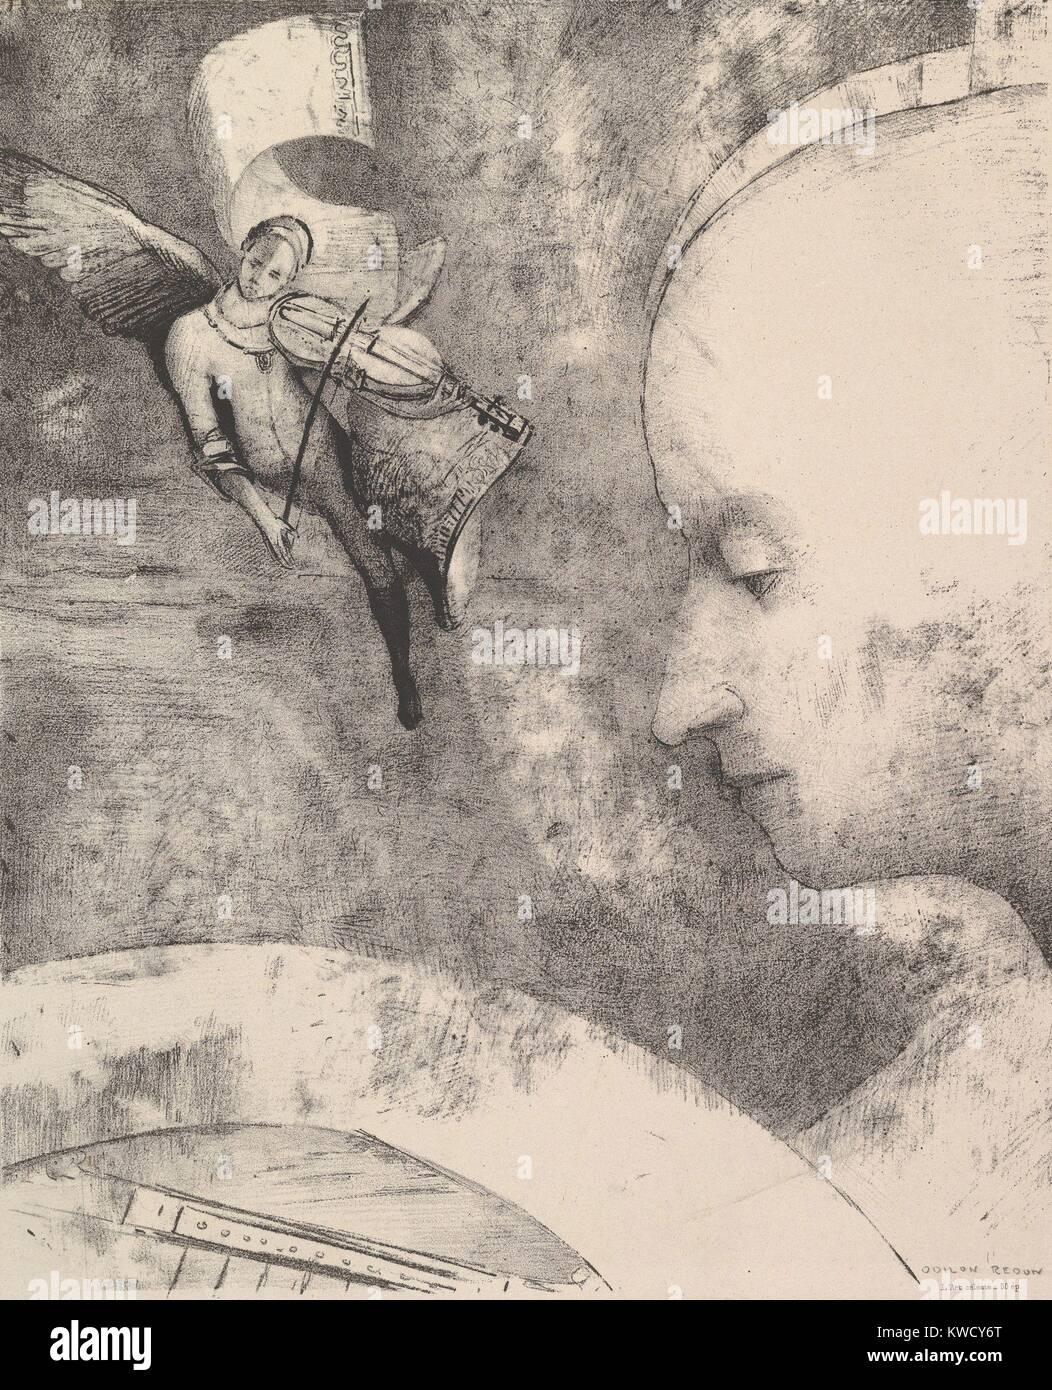 El arte celeste, Odilon Redon, 1894, Francés simbolista, litografía de impresión. Anticipando el Imagen De Stock